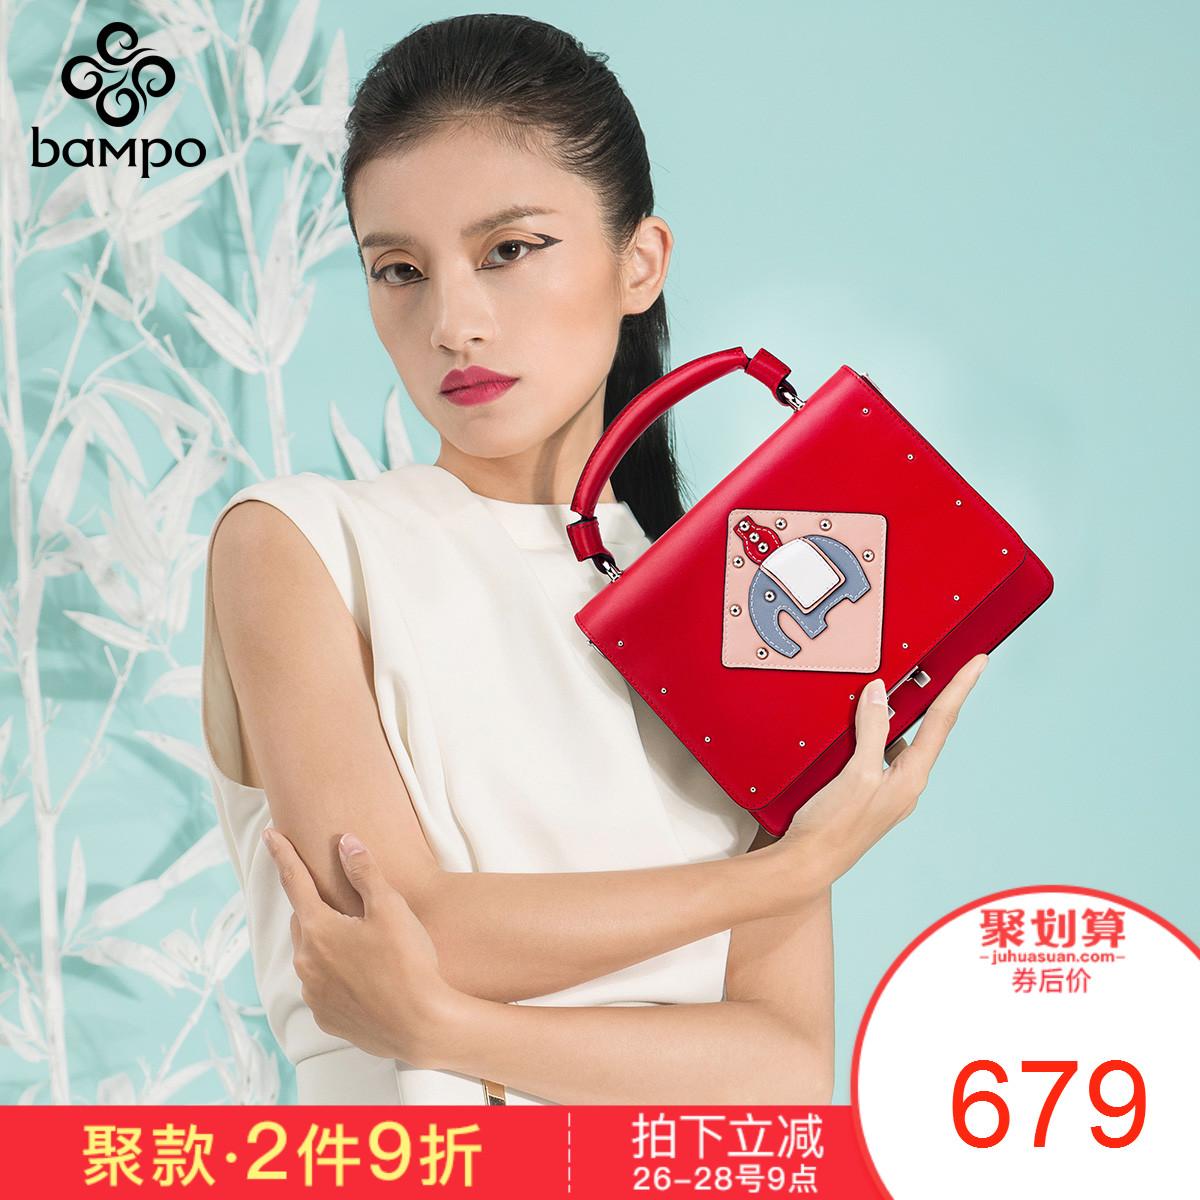 半坡真皮小方包可爱新款原创溢趣小象手提包时尚铆钉风琴包女